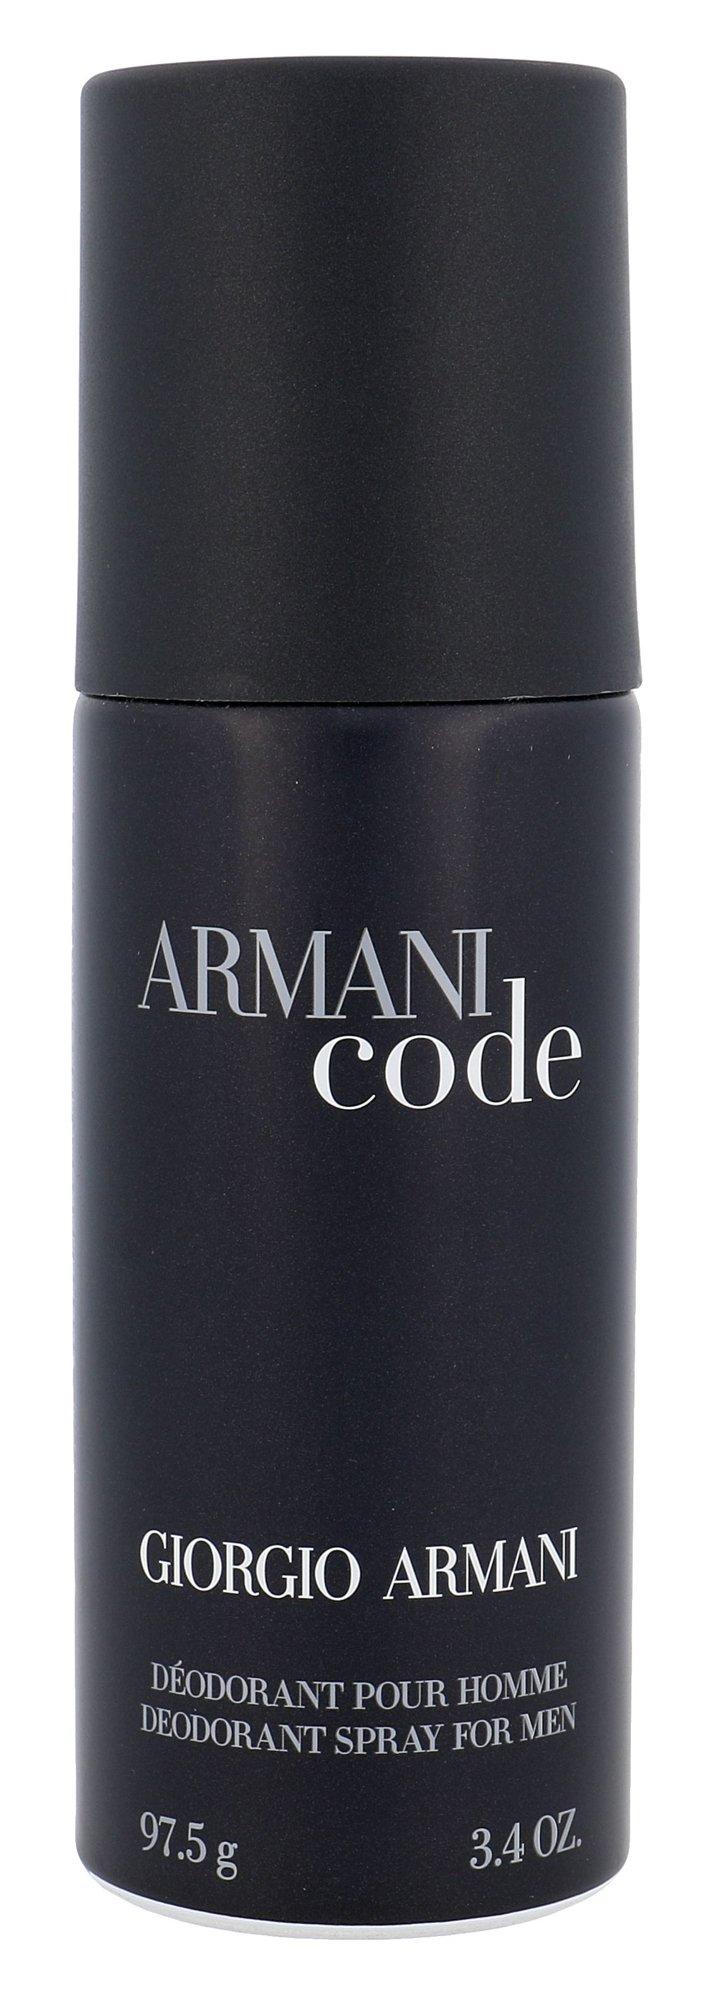 Giorgio Armani Armani Code Pour Homme Deodorant 150ml